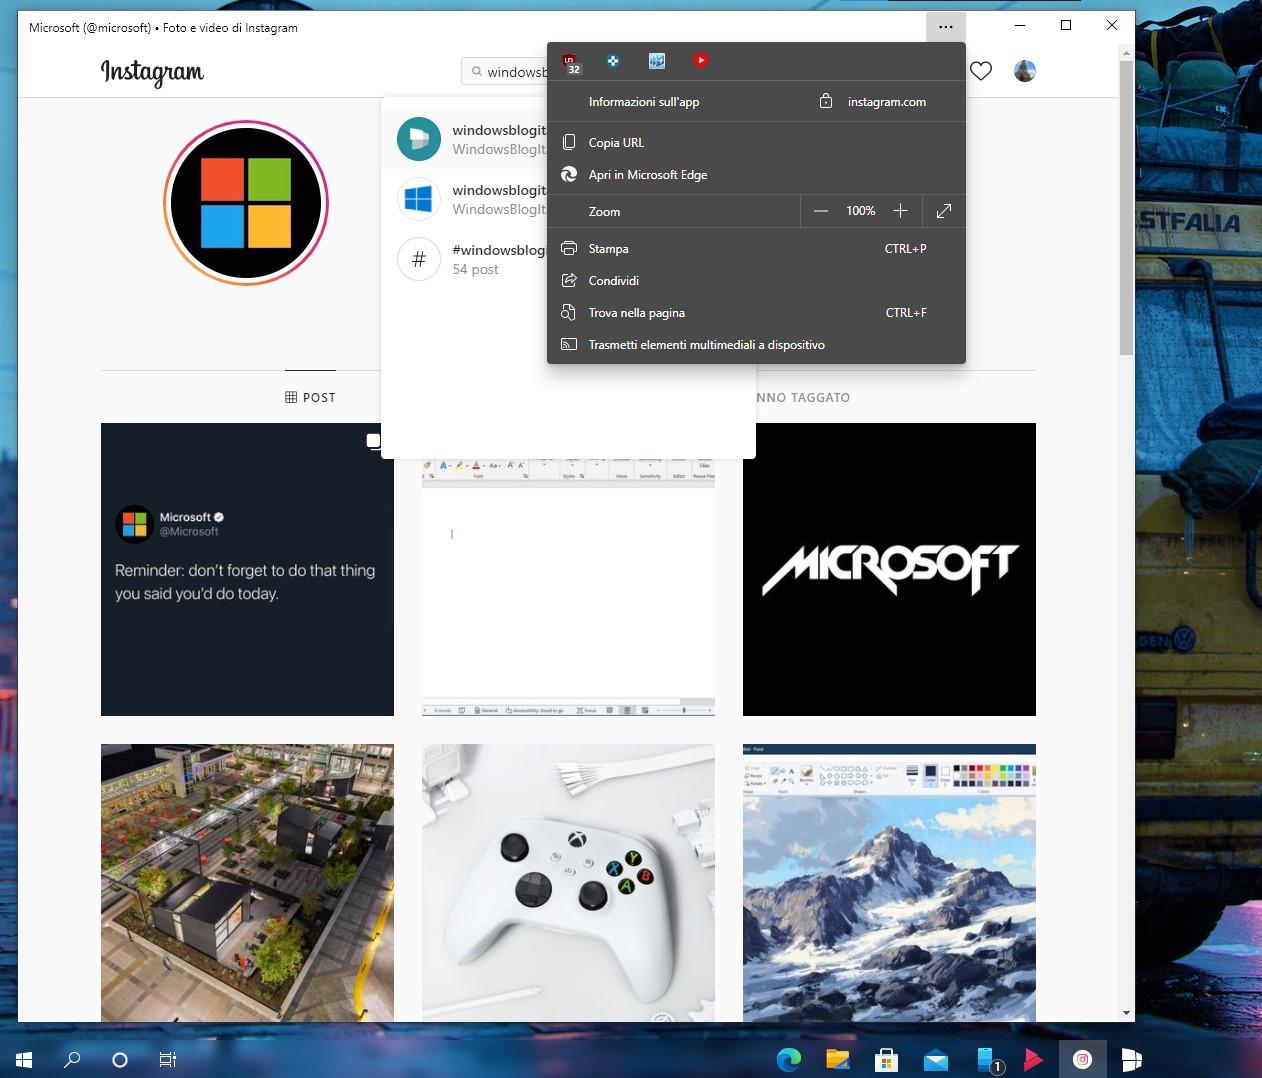 Instagram per Windows 10 - Nuova PWA basata su Edge